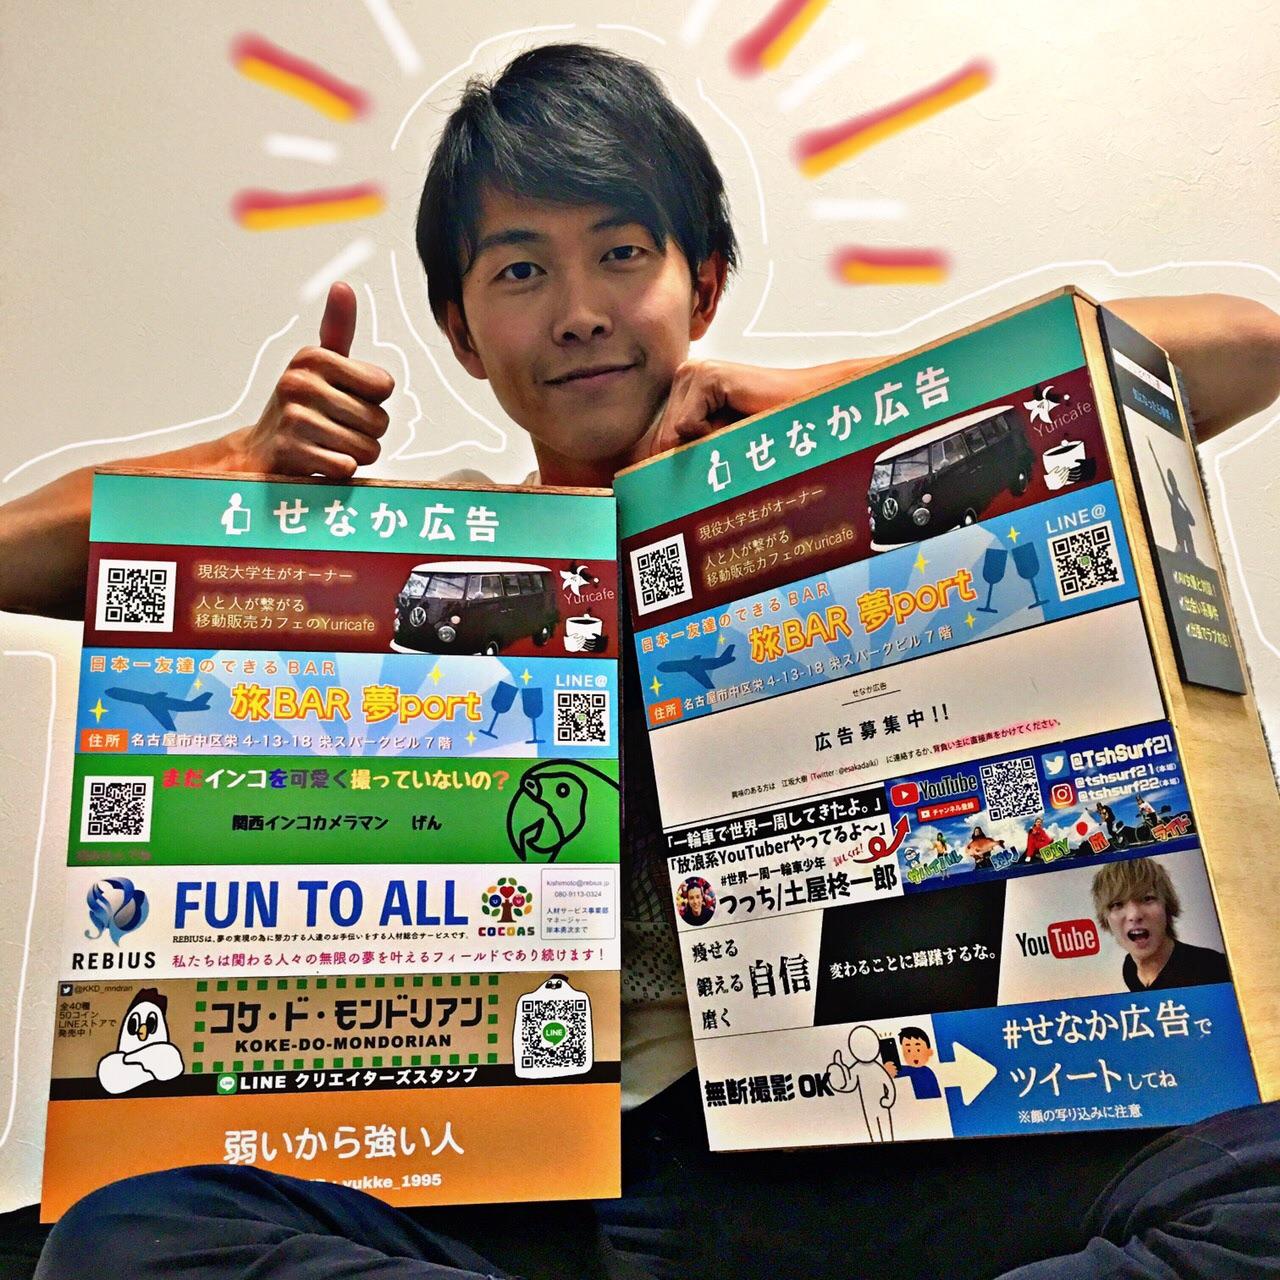 《日本一のブログ道》運営 藤井洋輔(ふじいようすけ)